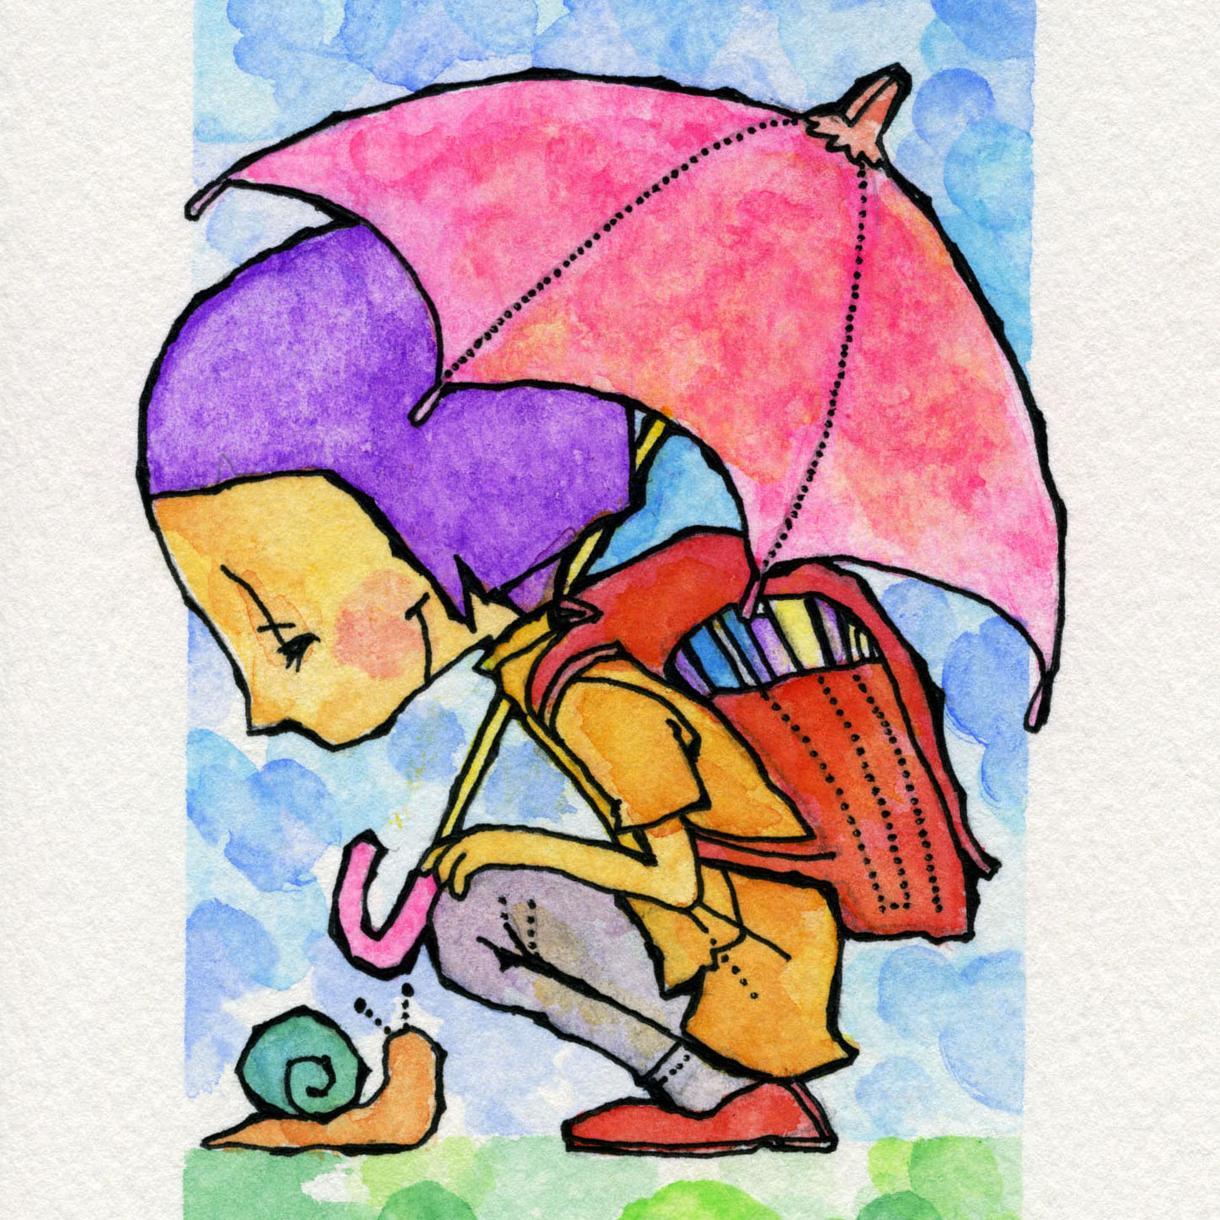 ご要望に合わせた挿絵・イラスト・アイコンなど、なんでも描きます!